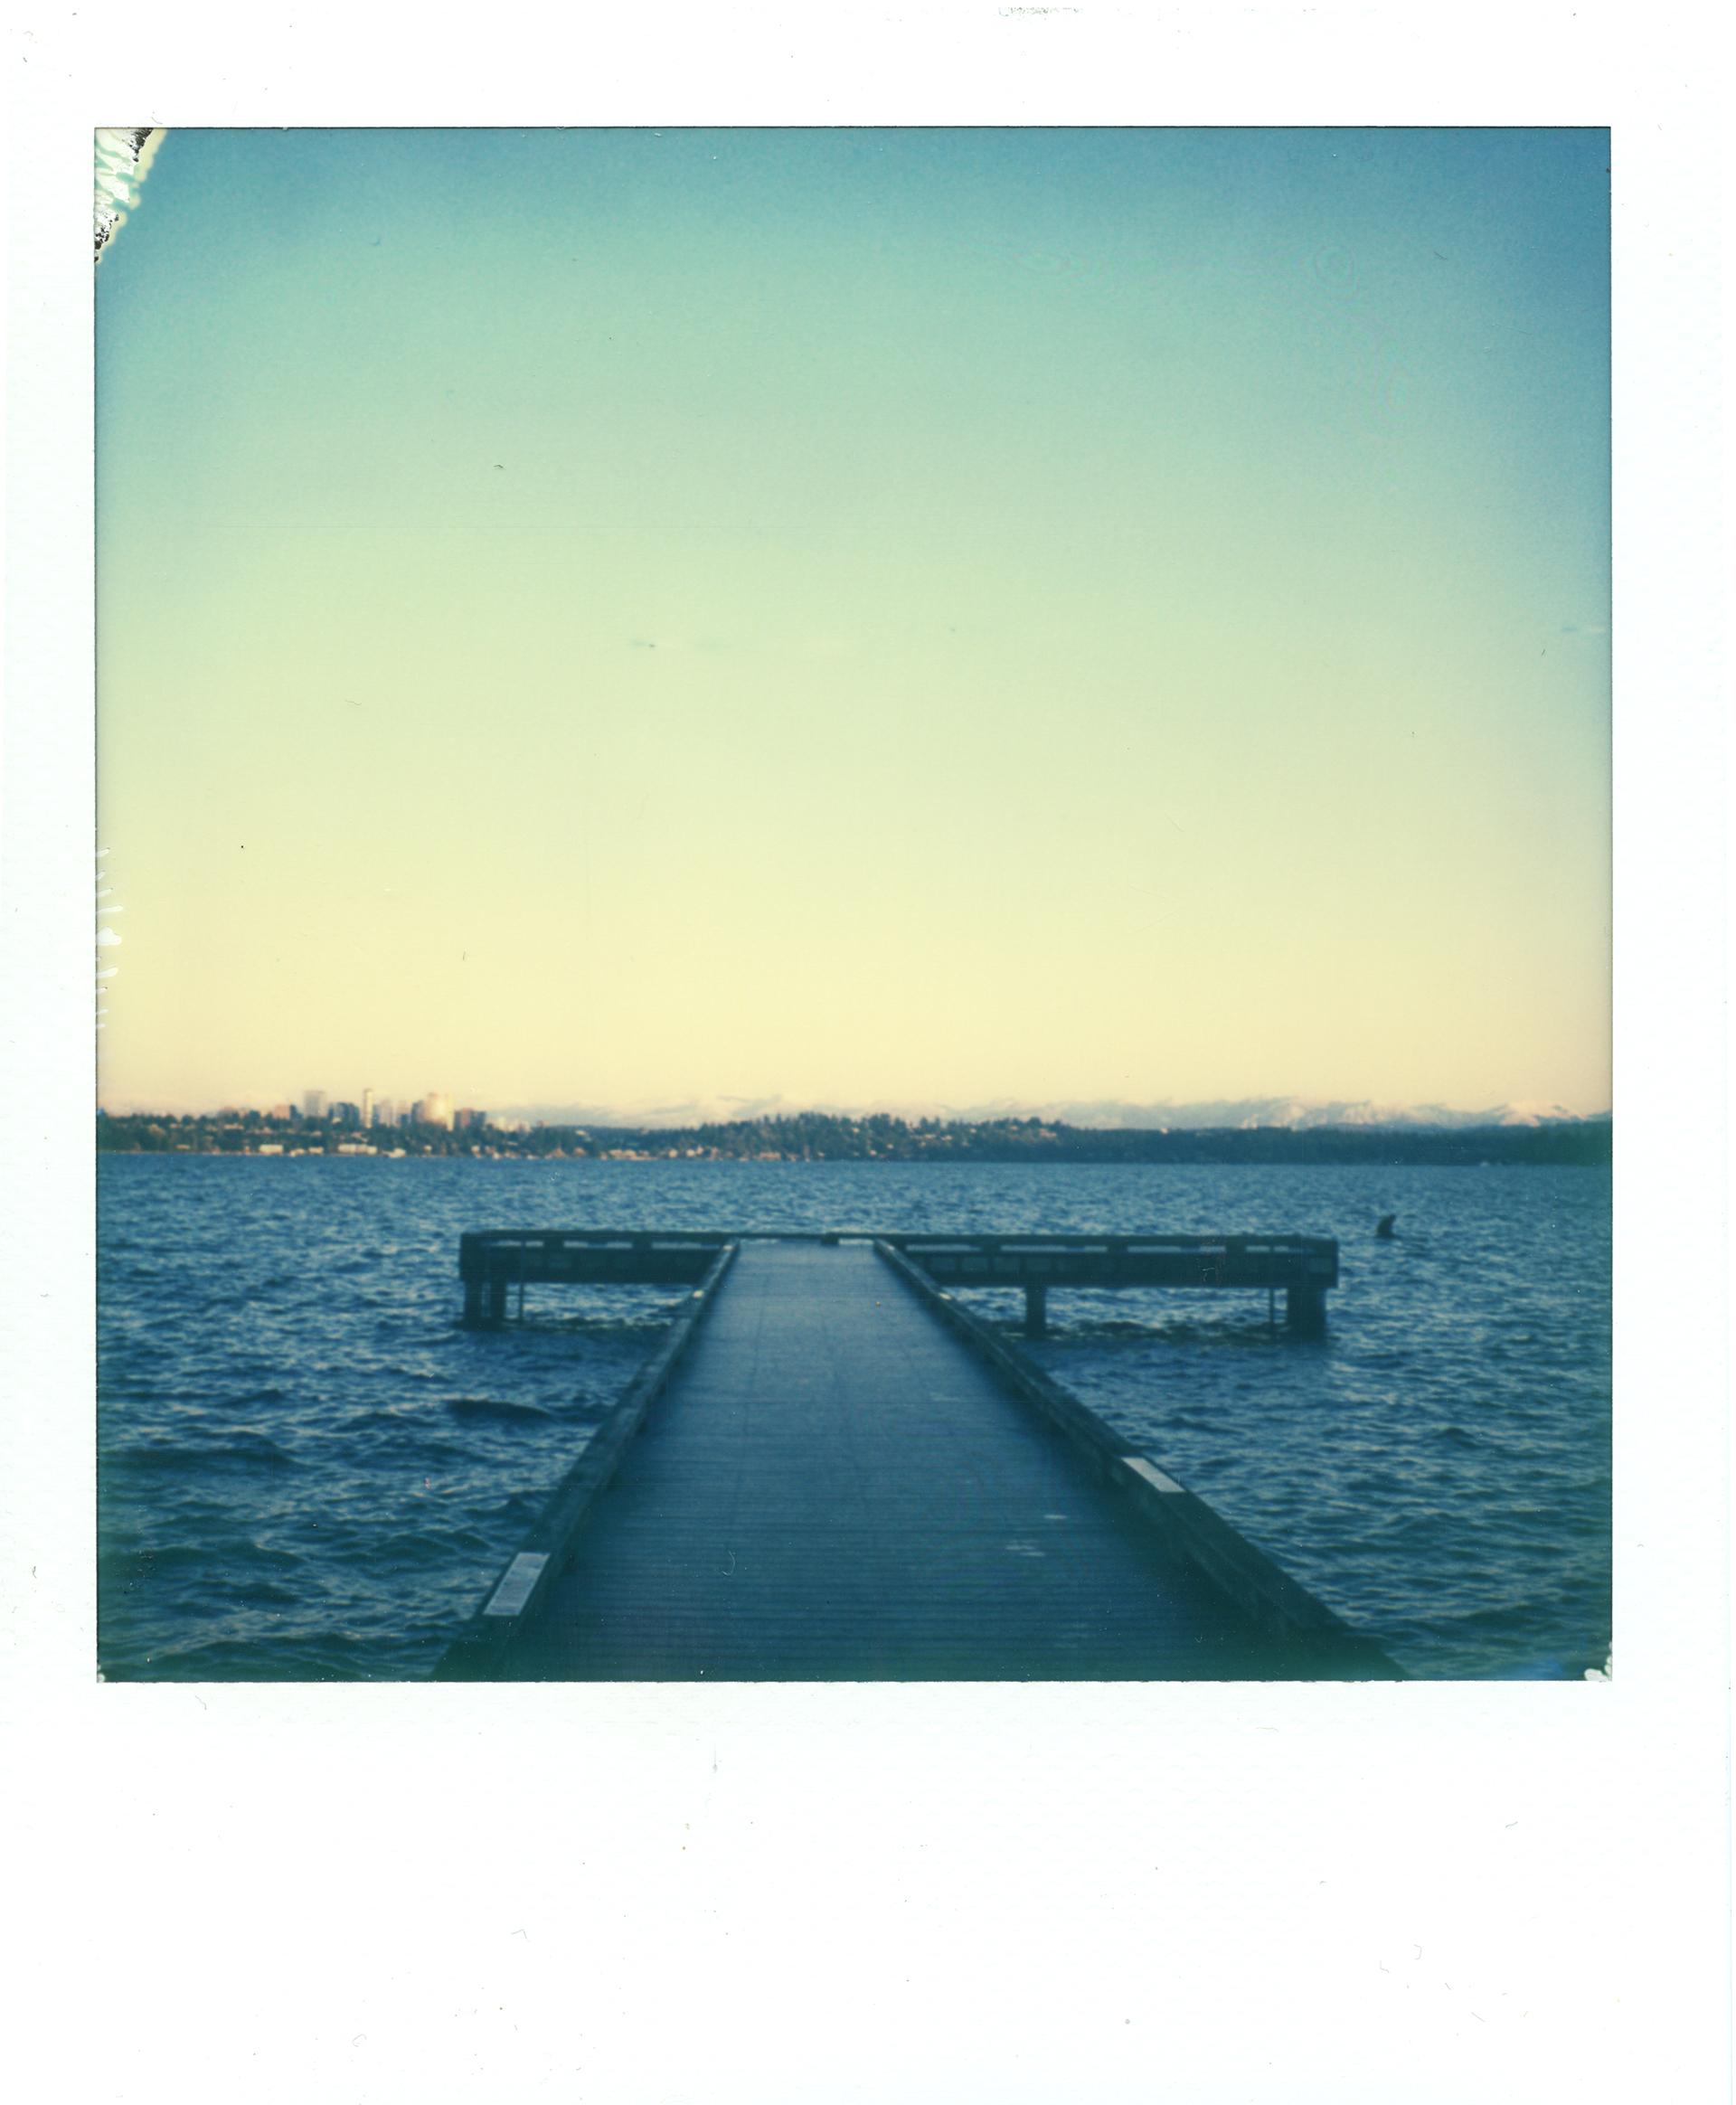 LakeWashington2.jpg